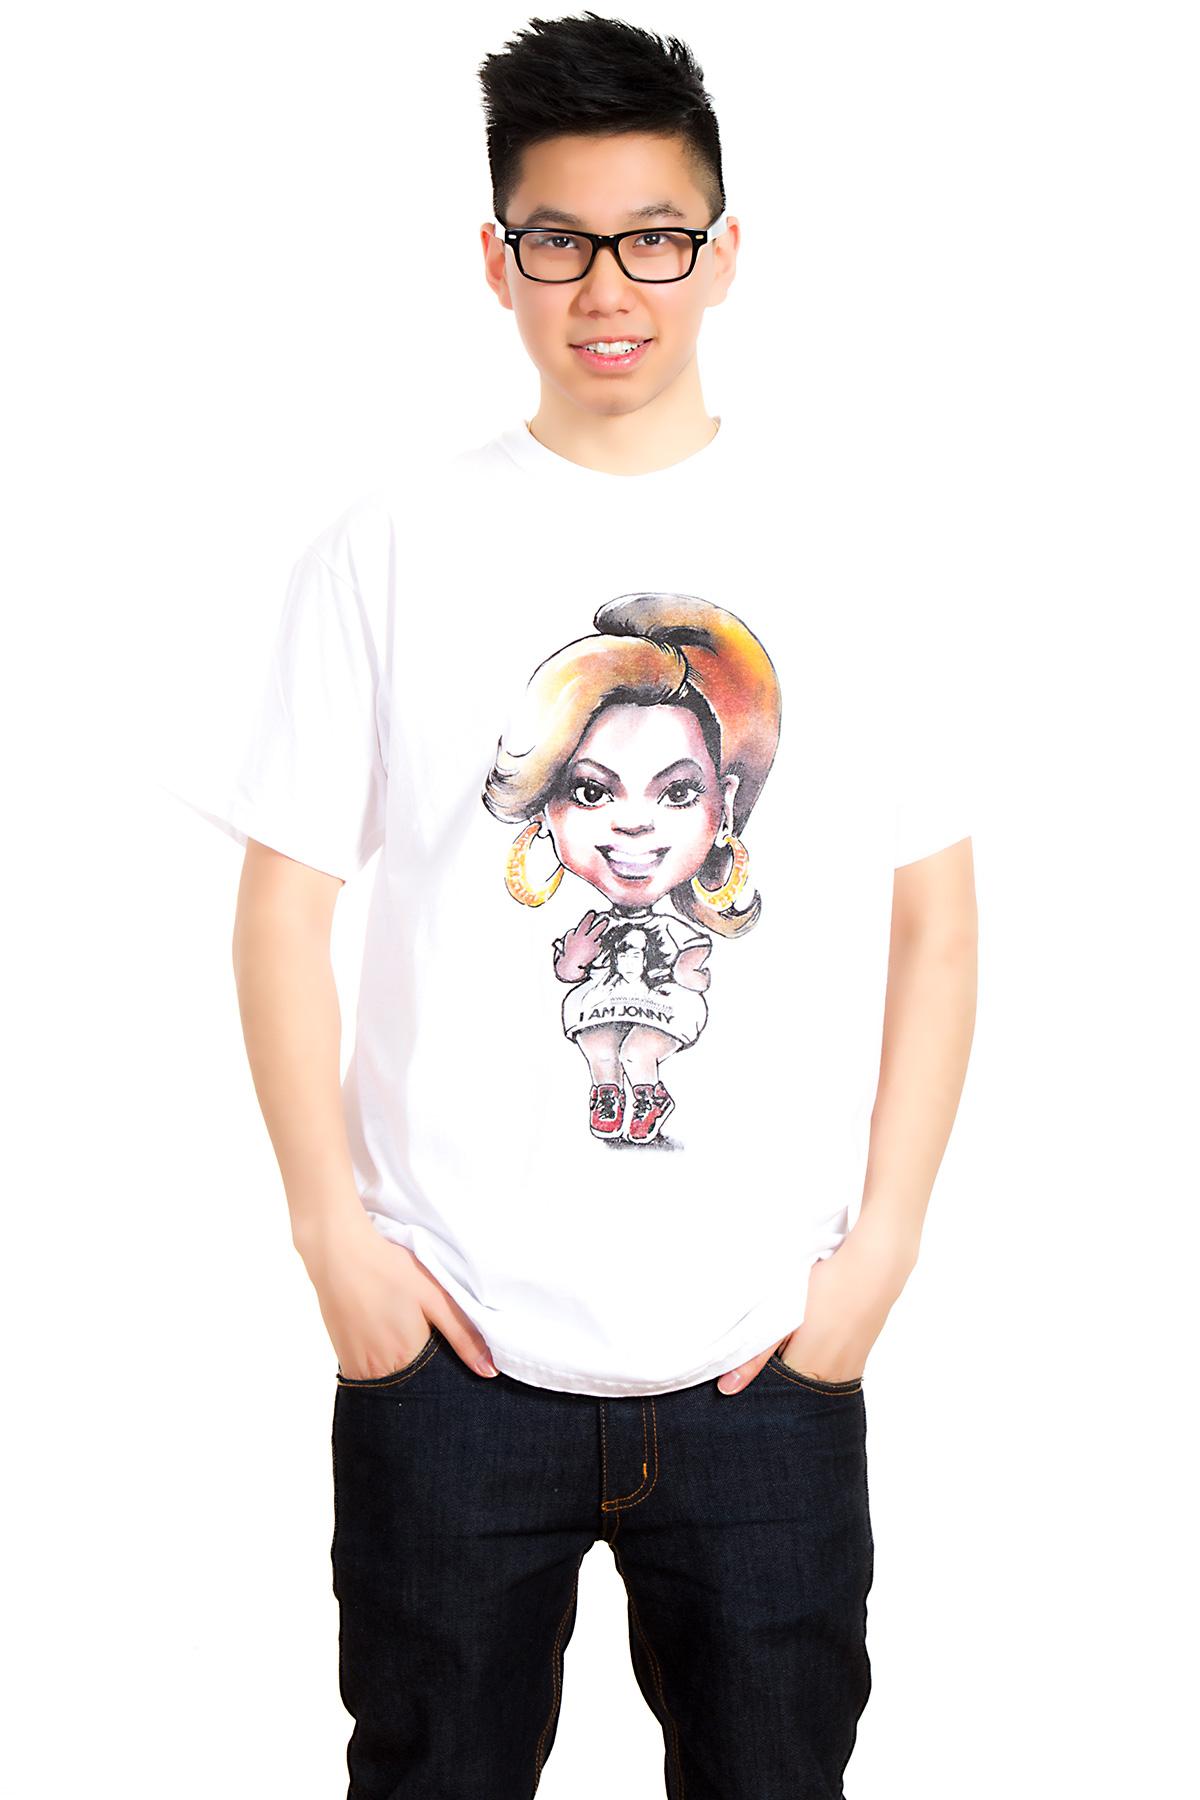 I Am Jonny Bee Caricature Fan T-Shirt in White by Oatdaheo